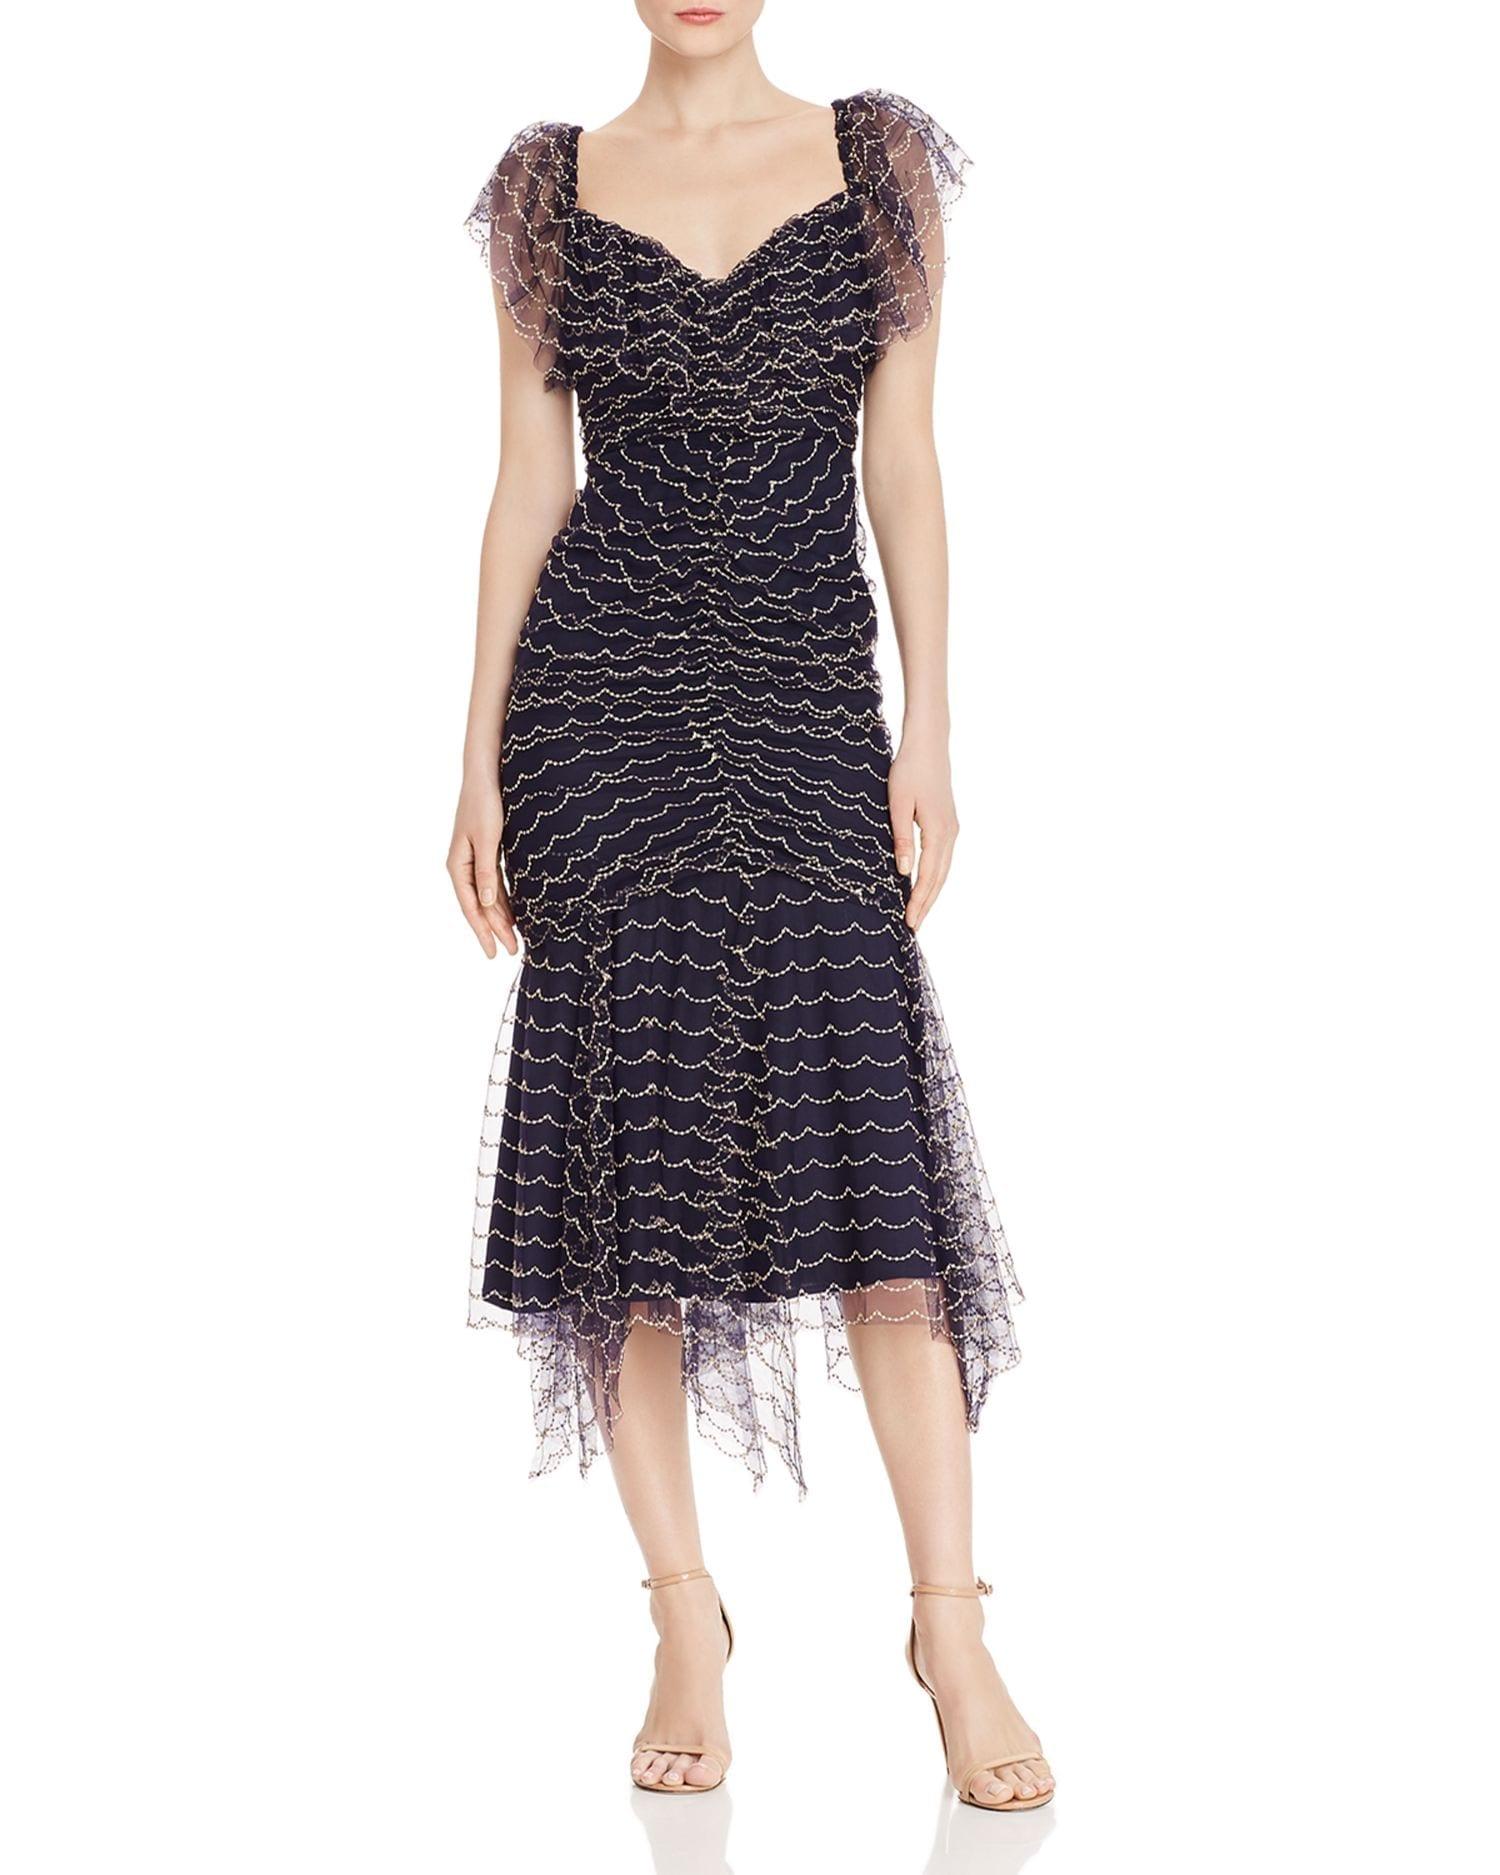 ALICE MCCALL Venus Scalloped-Embroidery Midi Dress